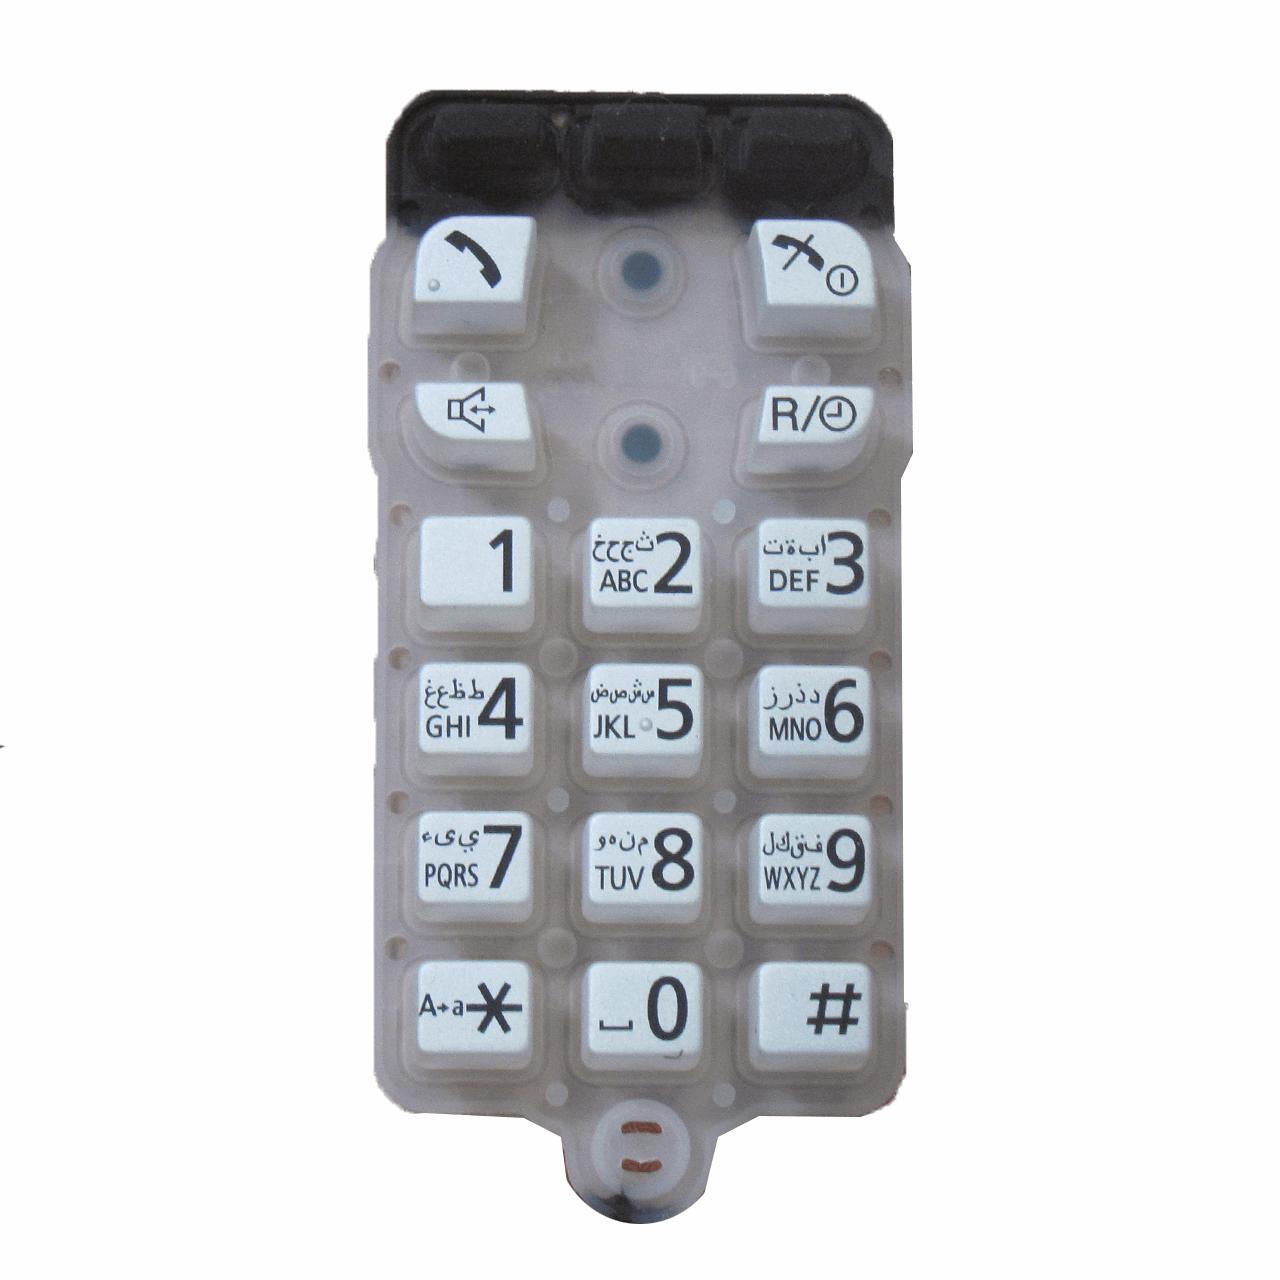 شماره گیر اس وای دی مدل 6441-6461 مناسب تلفن پاناسونیک